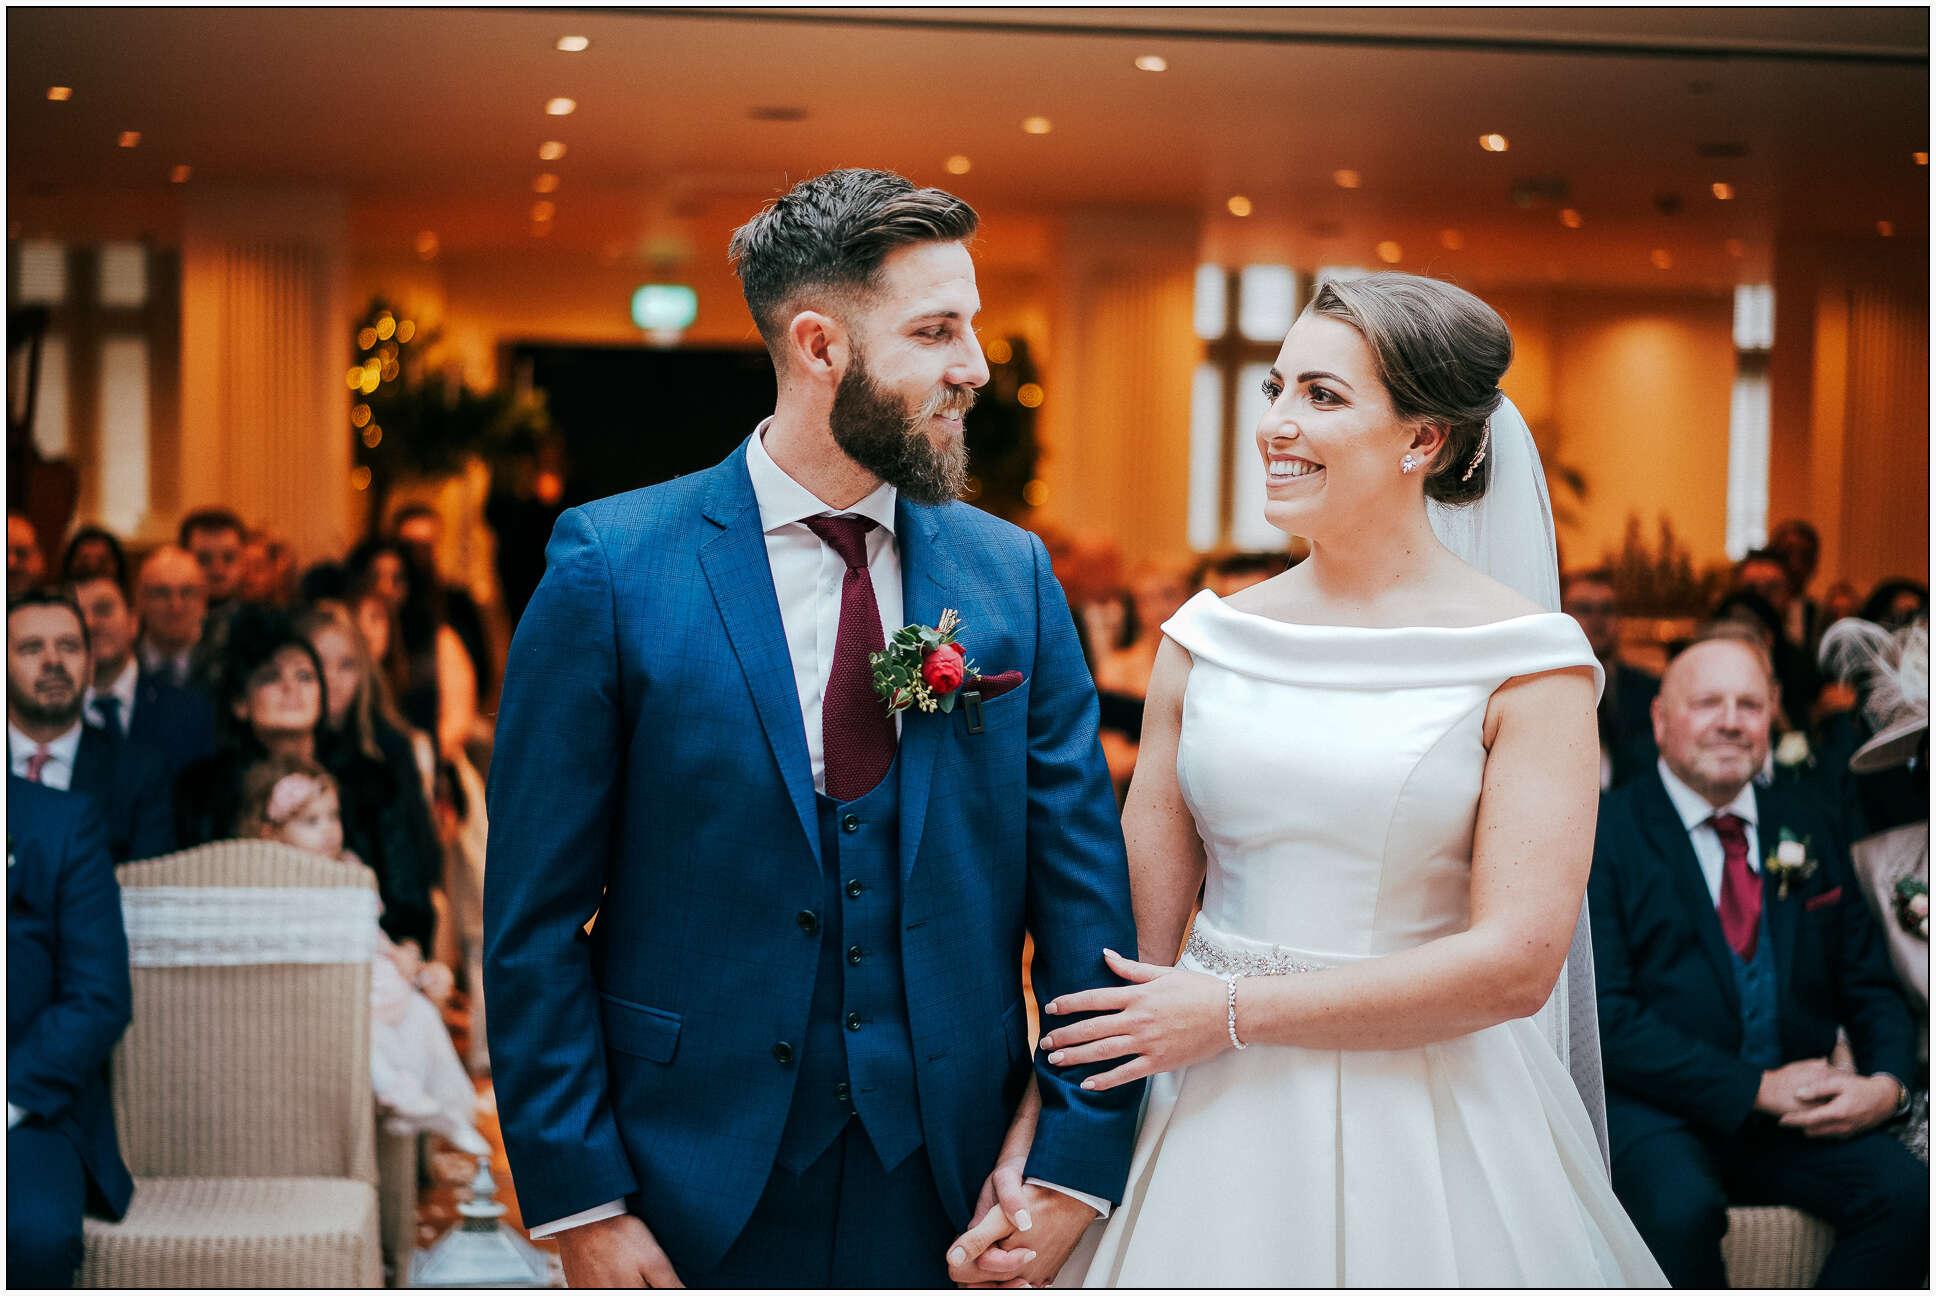 Mitton_Hall_Christmas_Wedding-23.jpg